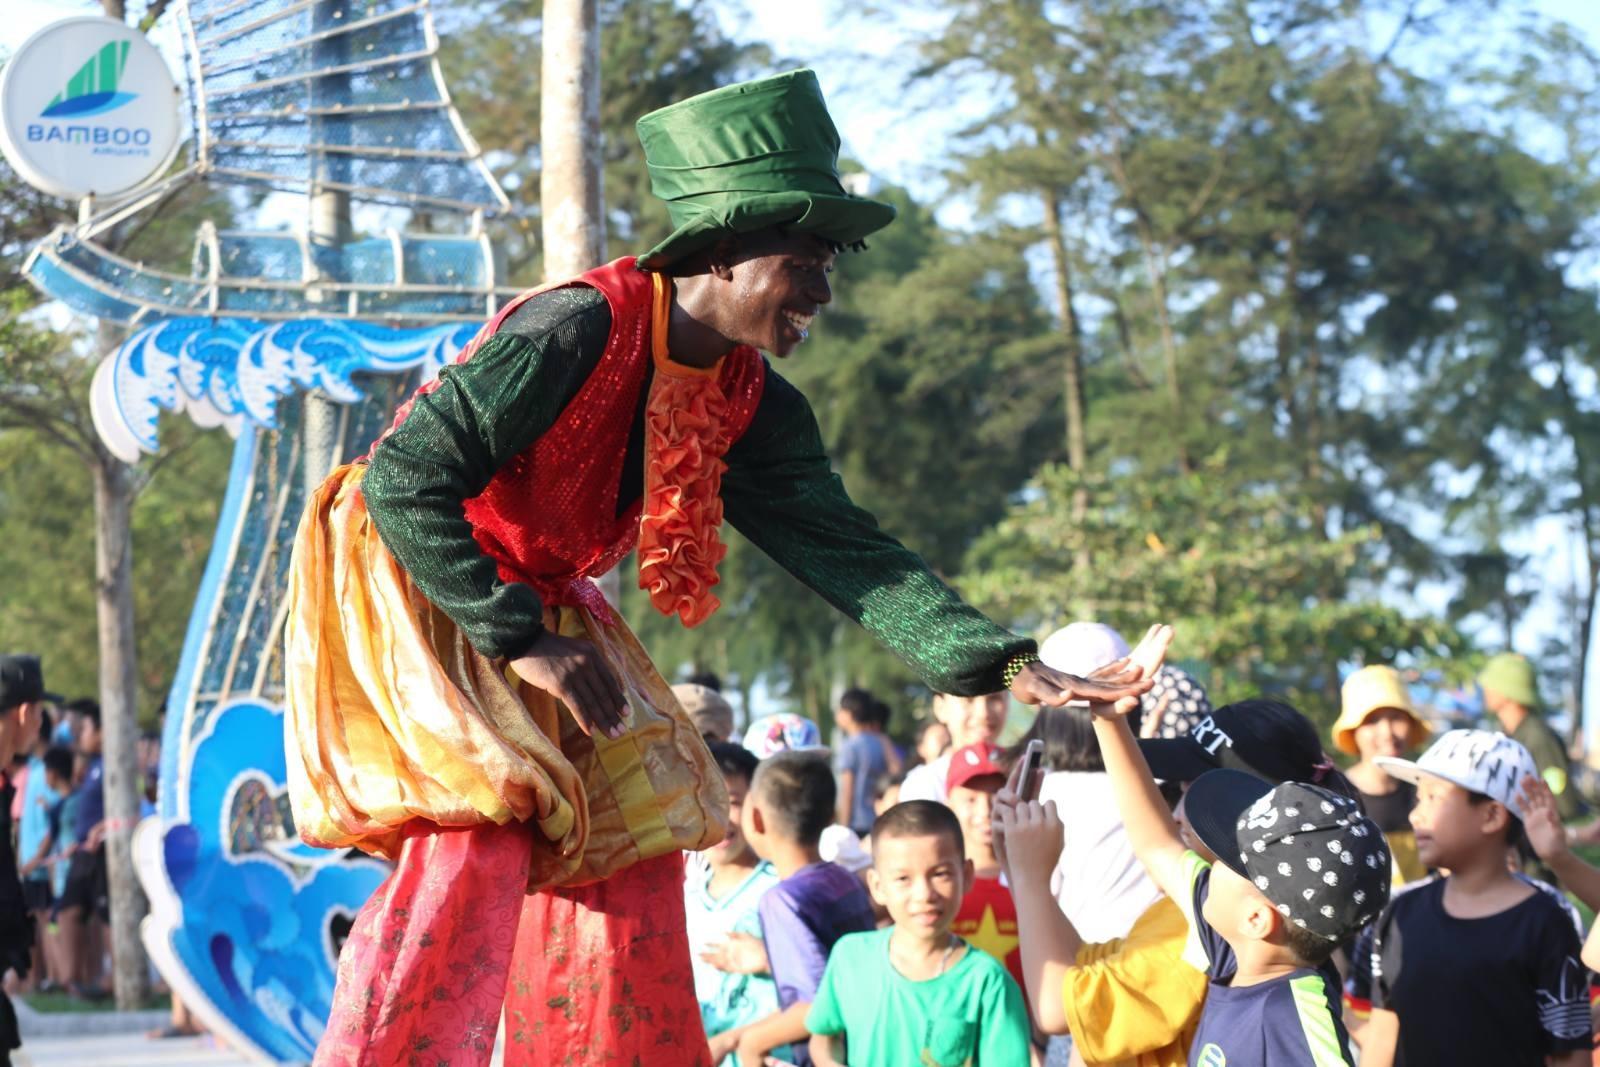 Nhiều em nhỏ thích thú khi được tham gia lễ hội lần này.